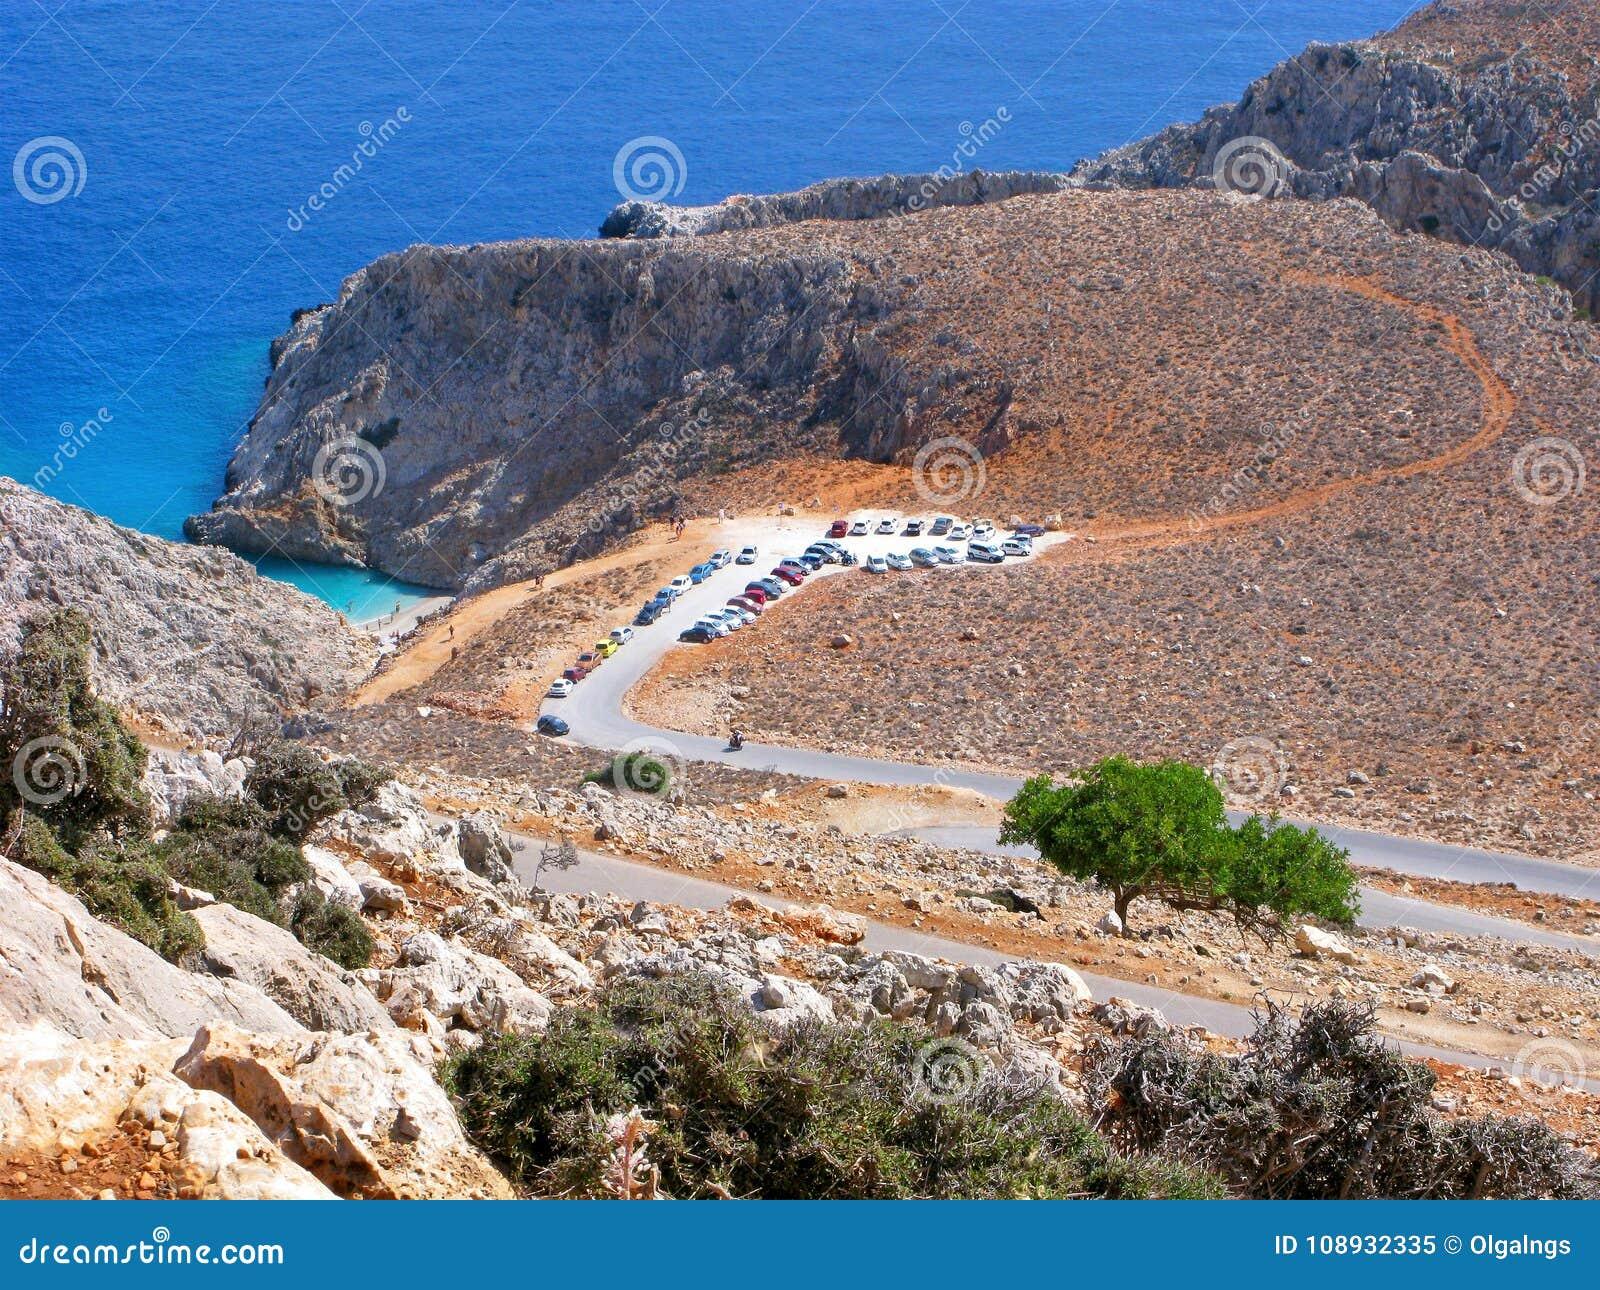 Ελλάδα, Κρήτη, τοπ άποψη της παραλίας Seitan Limania